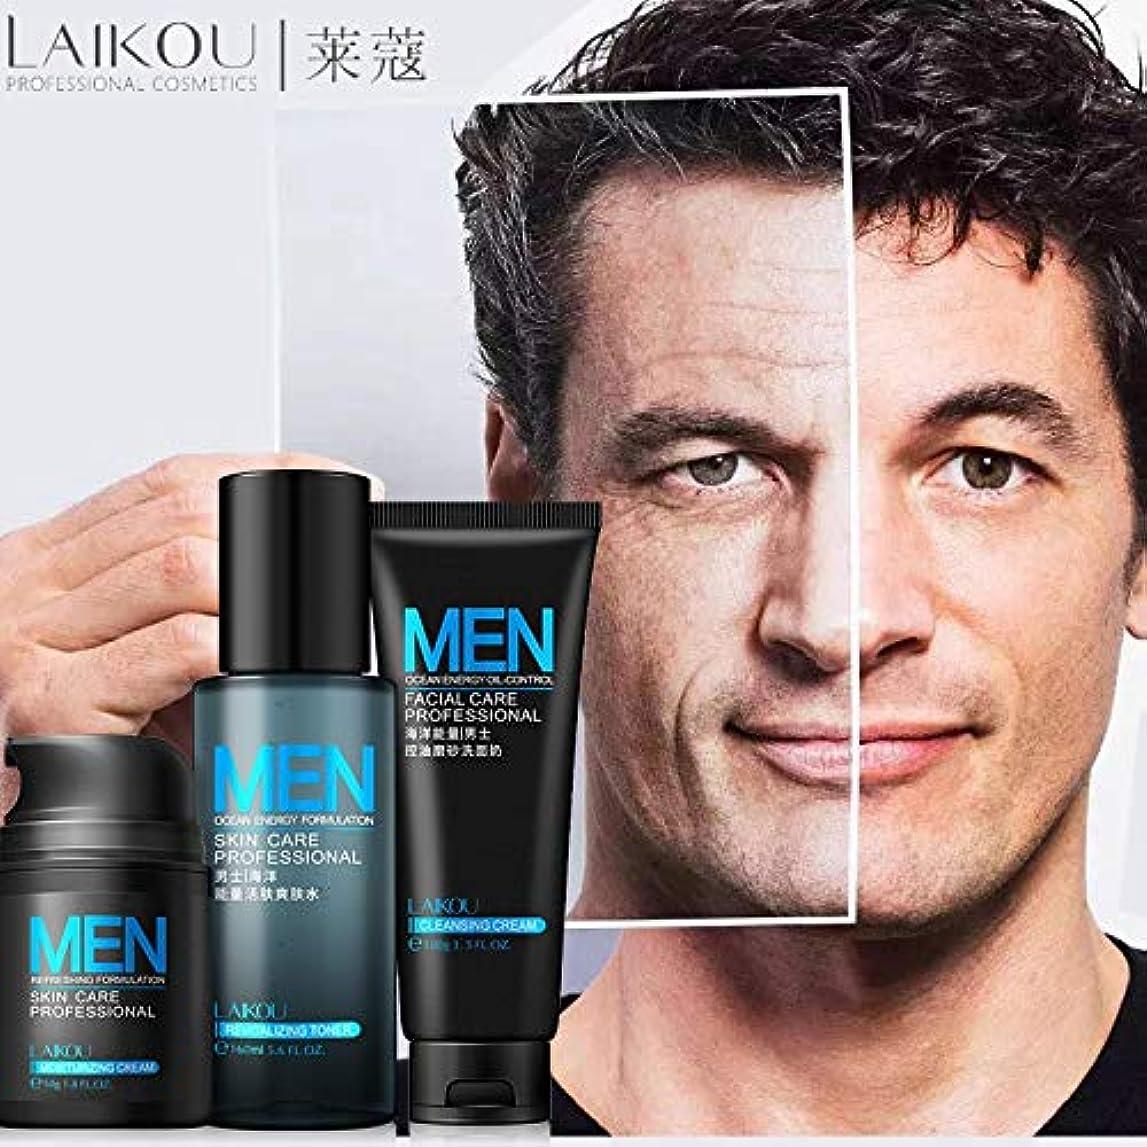 指遺伝子九男性3枚Clserトナークリーム保湿オイルコントロールの毎日のケアセット毛穴アンチリンクル男性フェイスケアを縮小